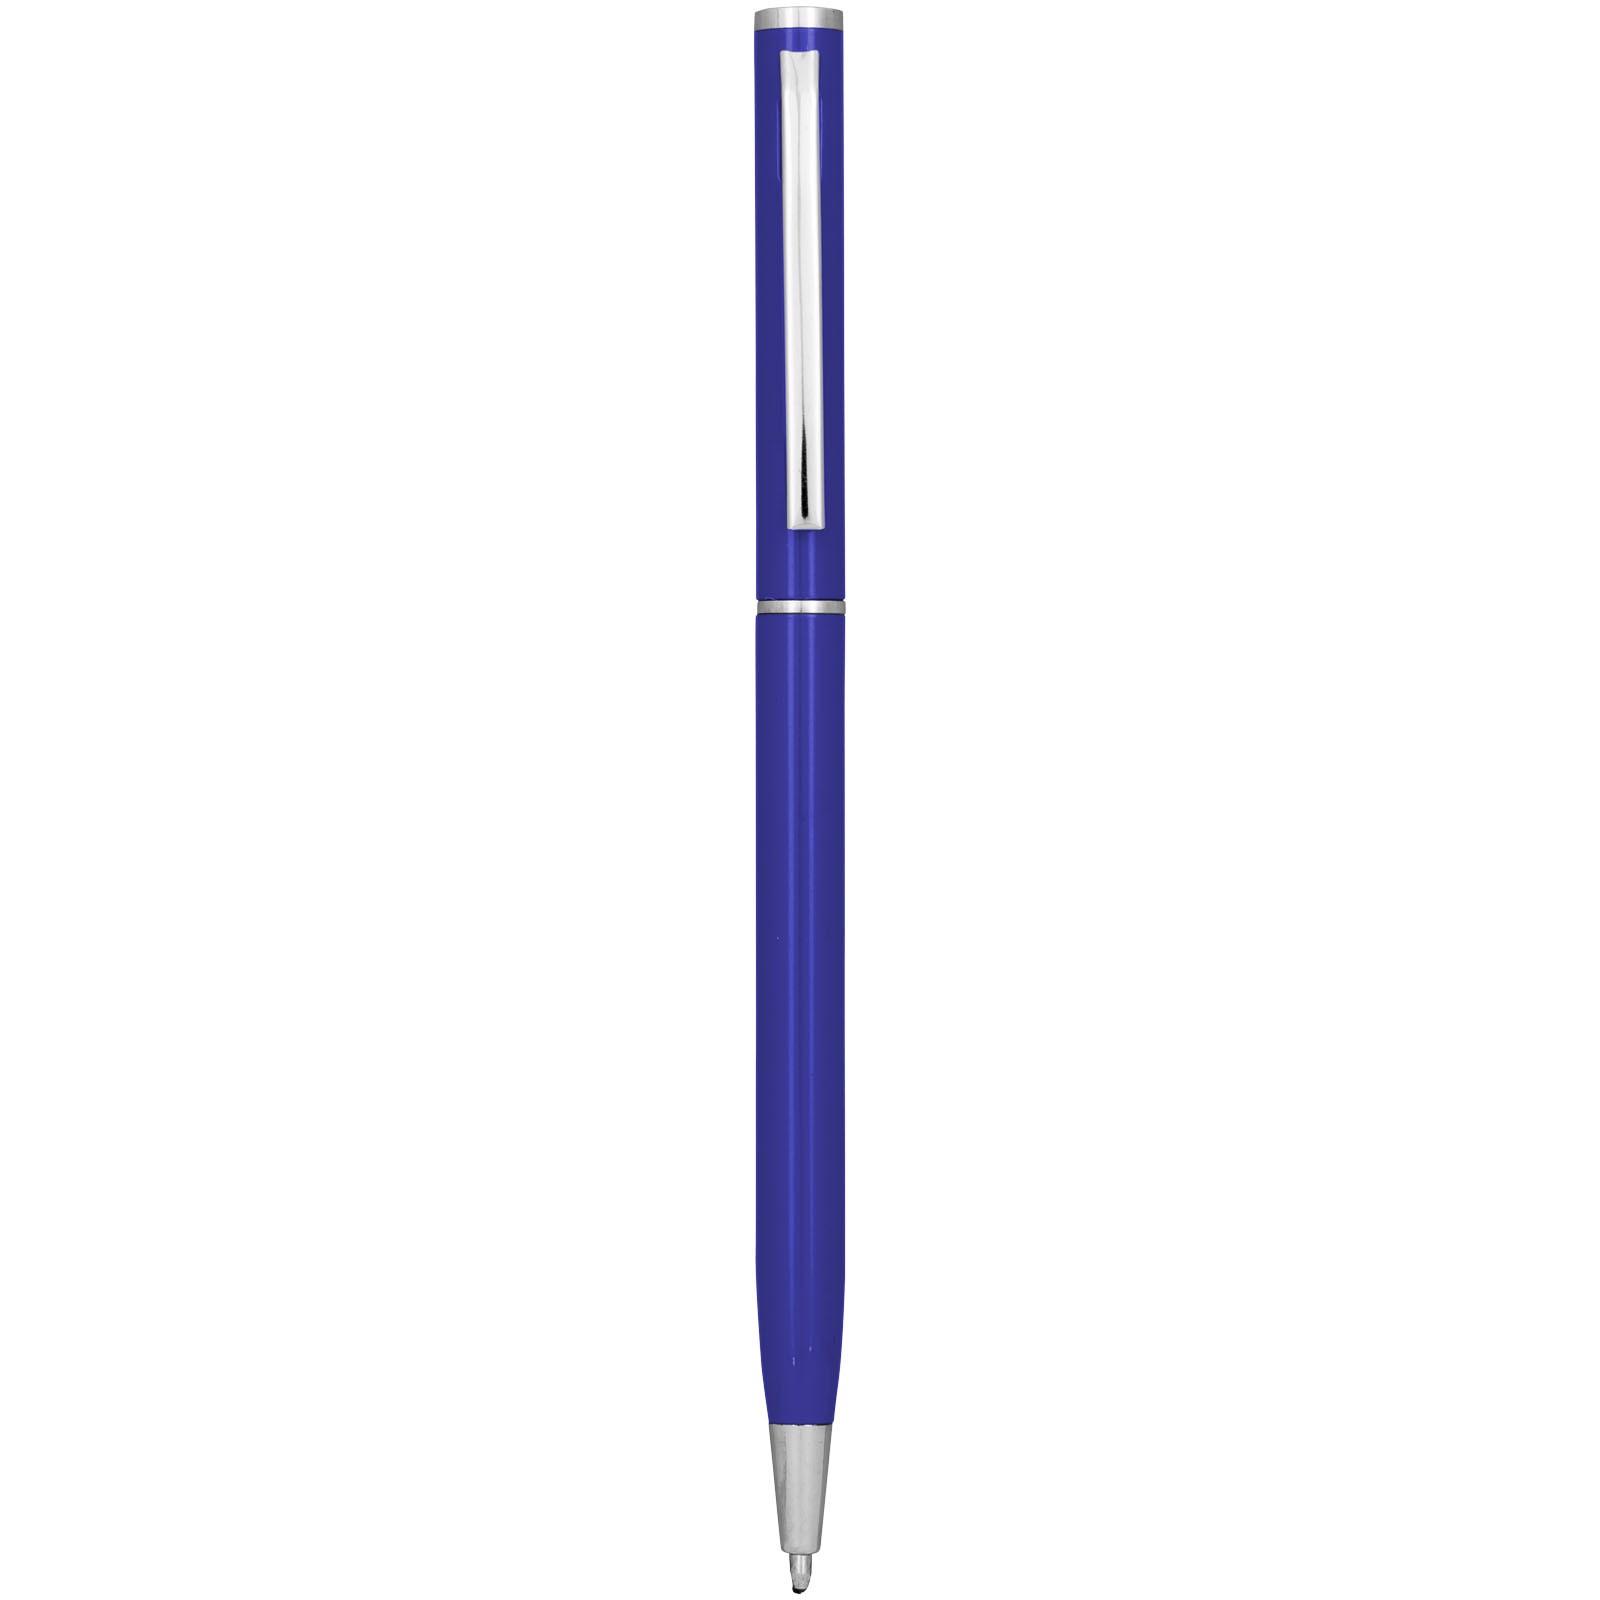 Slim aluminium ballpoint pen - Blue